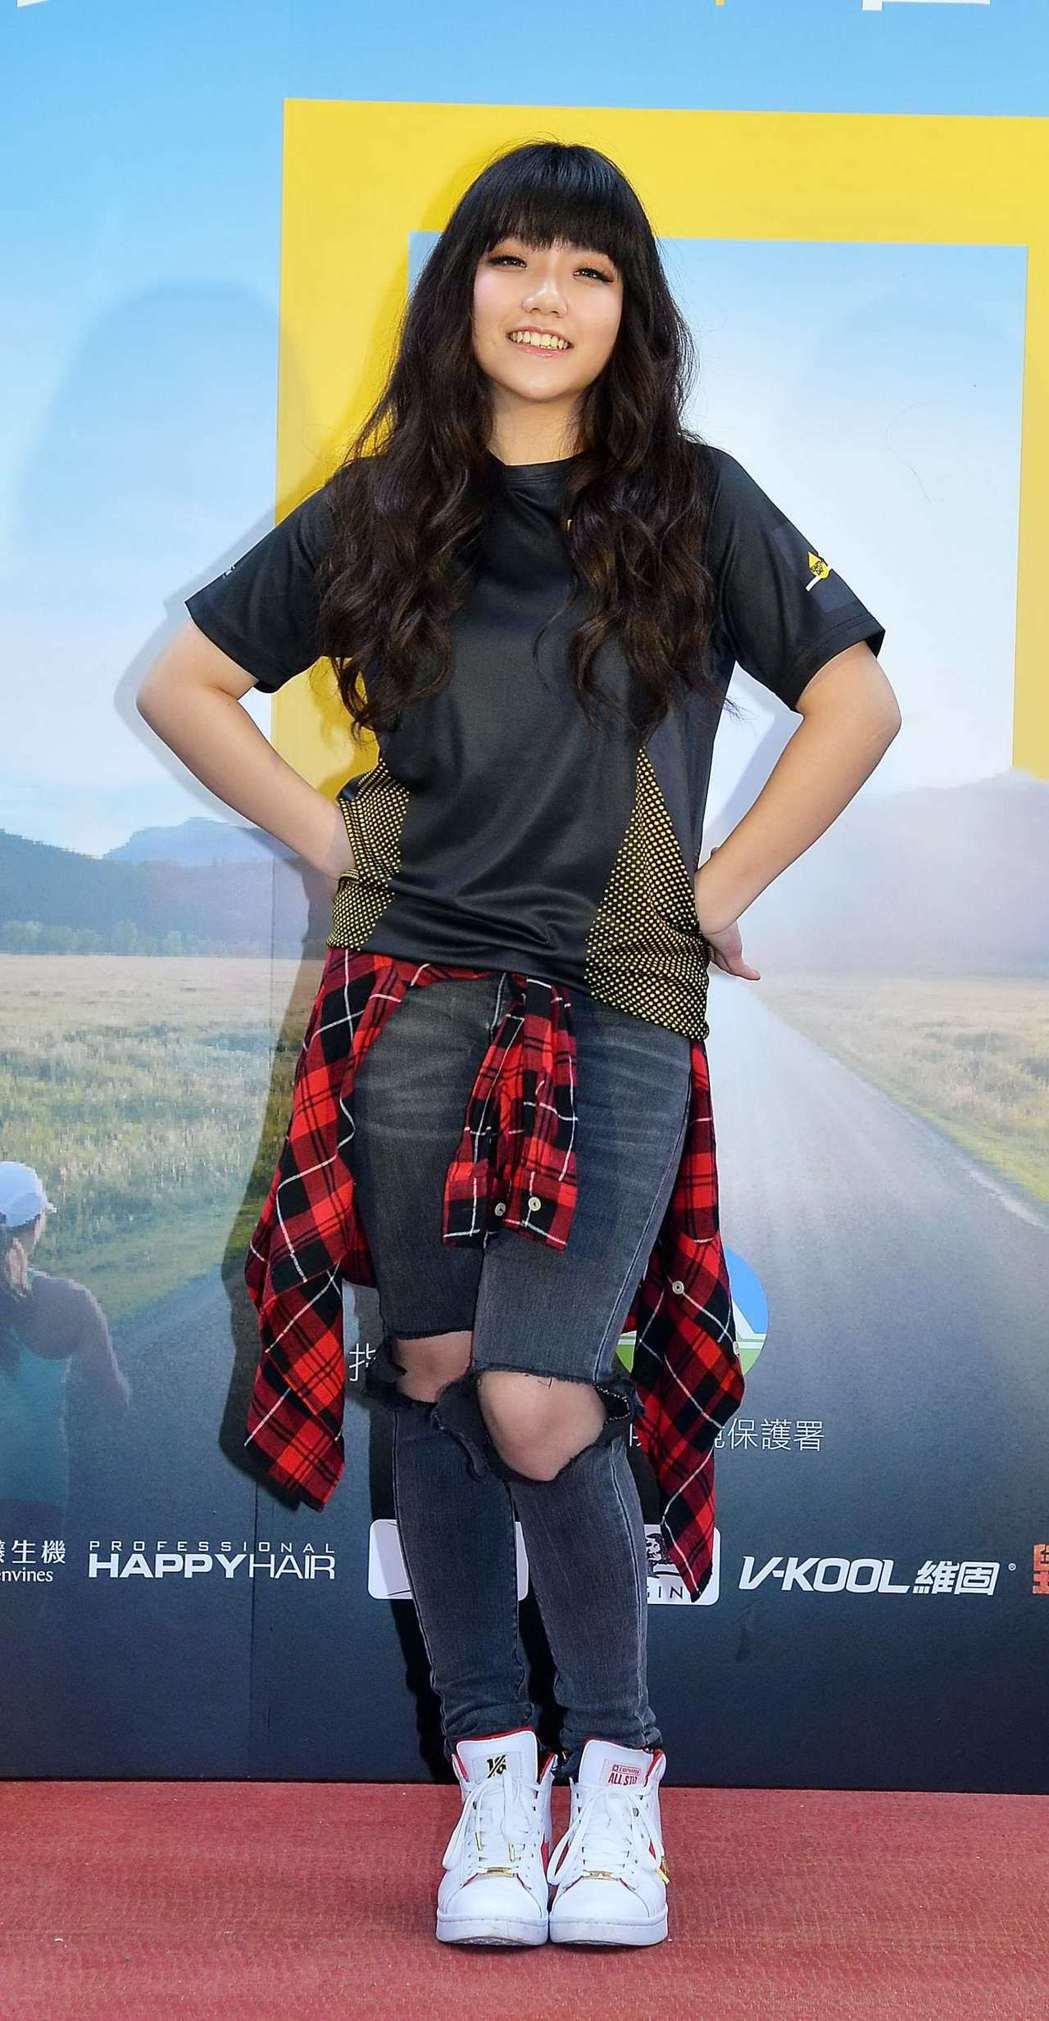 安那將在「2018世界地球日路跑 減塑運動」帶來歌舞表演。圖/國家地理頻道提供